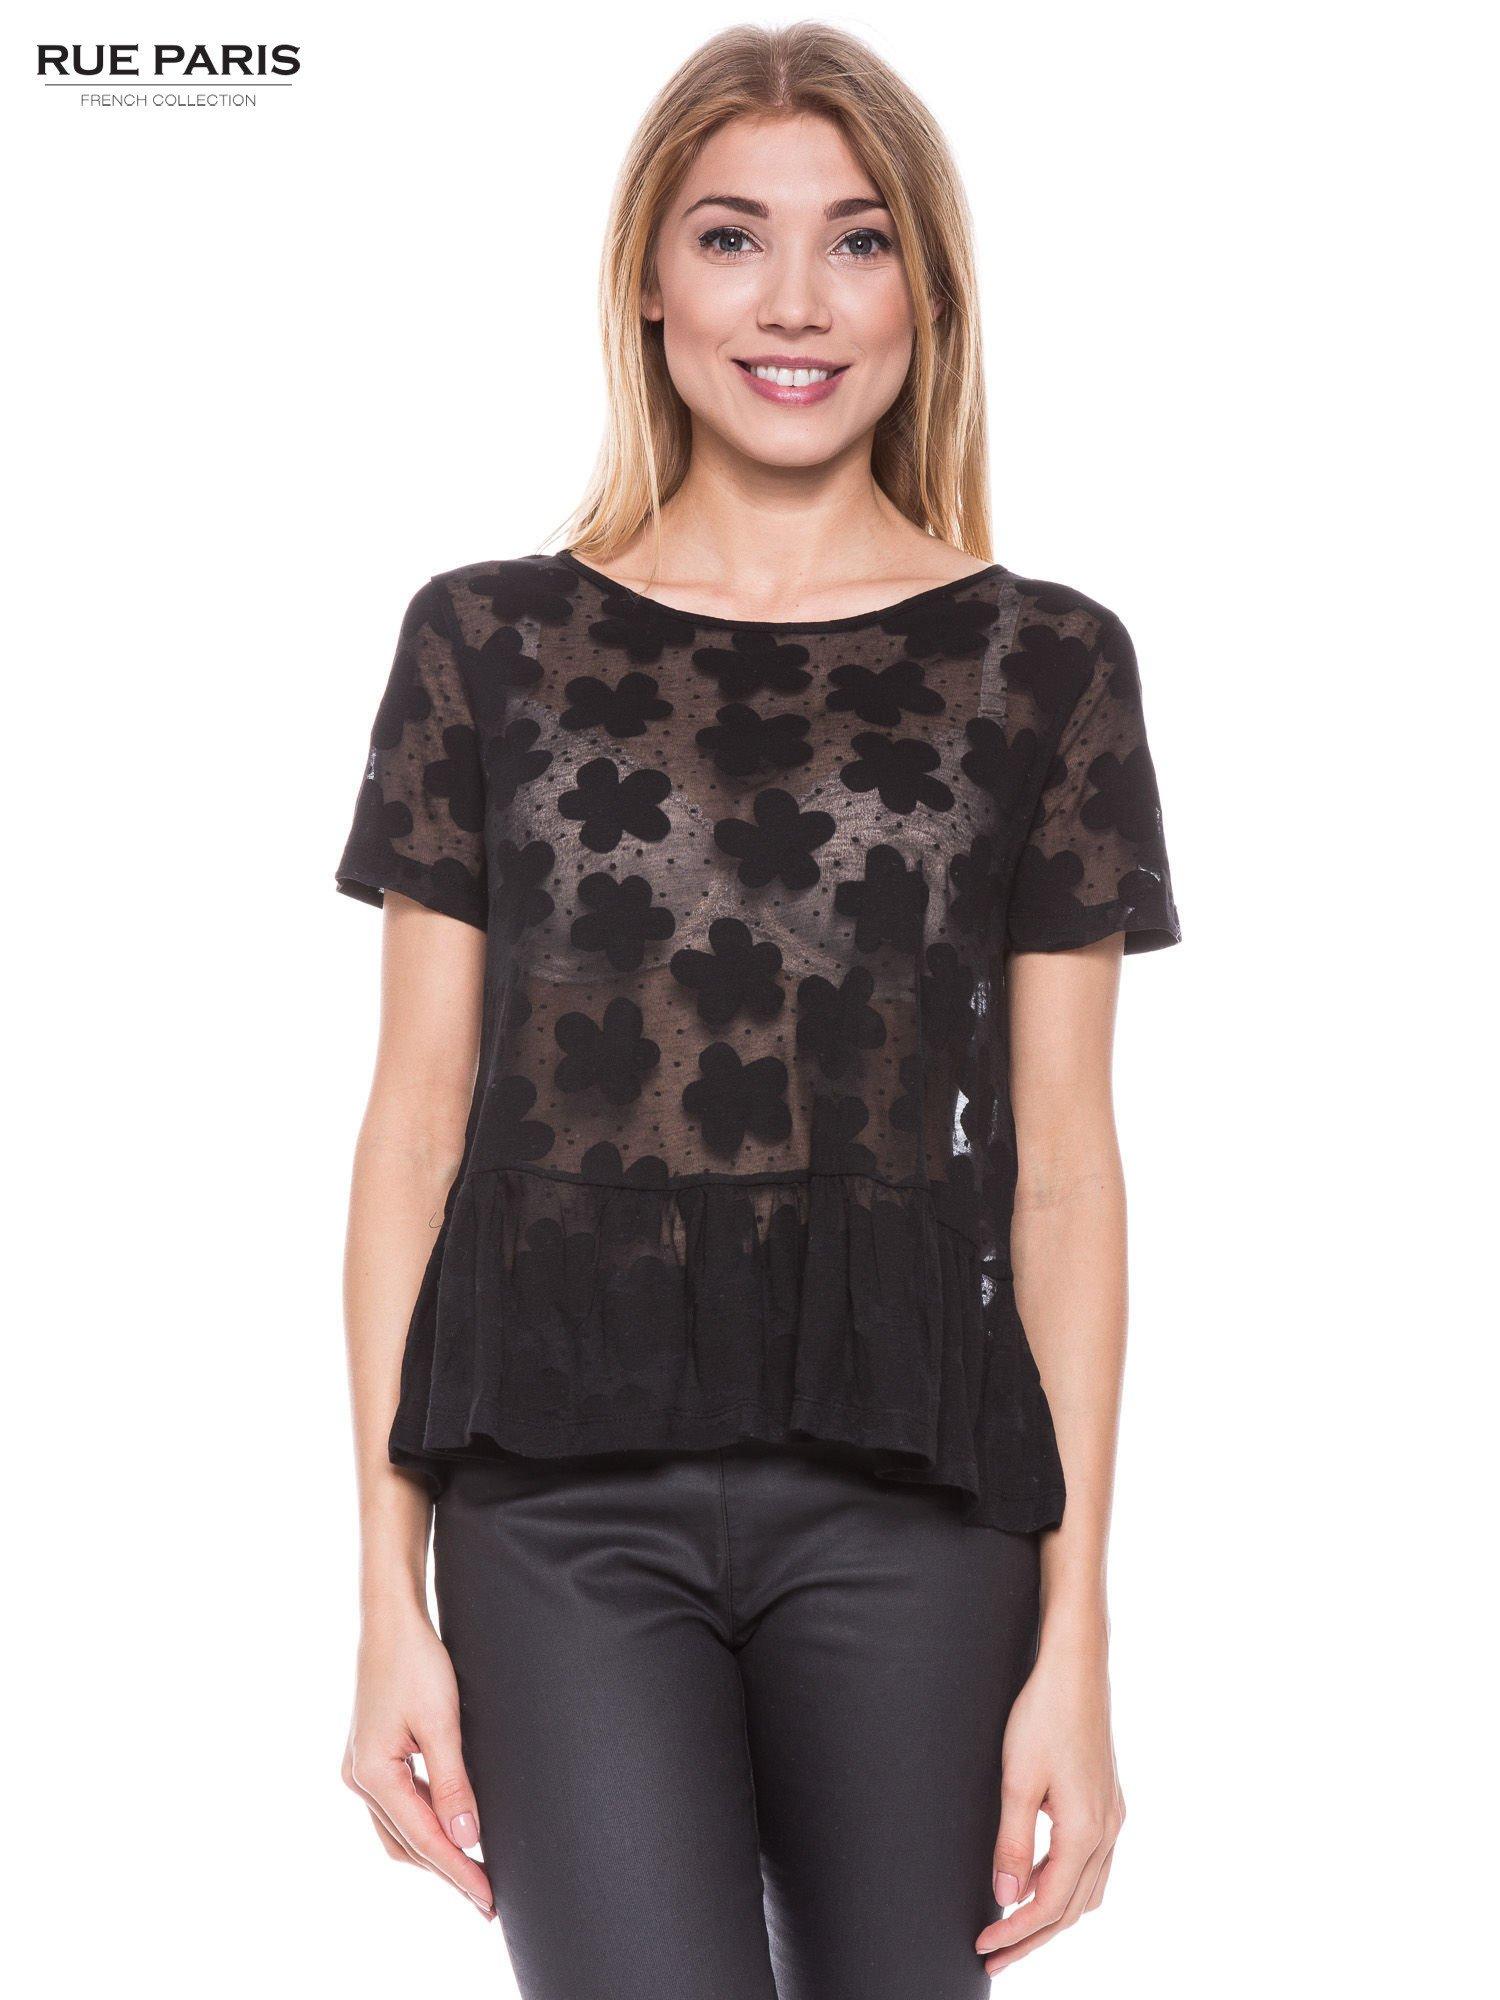 Czarny transparentny t-shirt w kwiaty z baskinką                                  zdj.                                  1